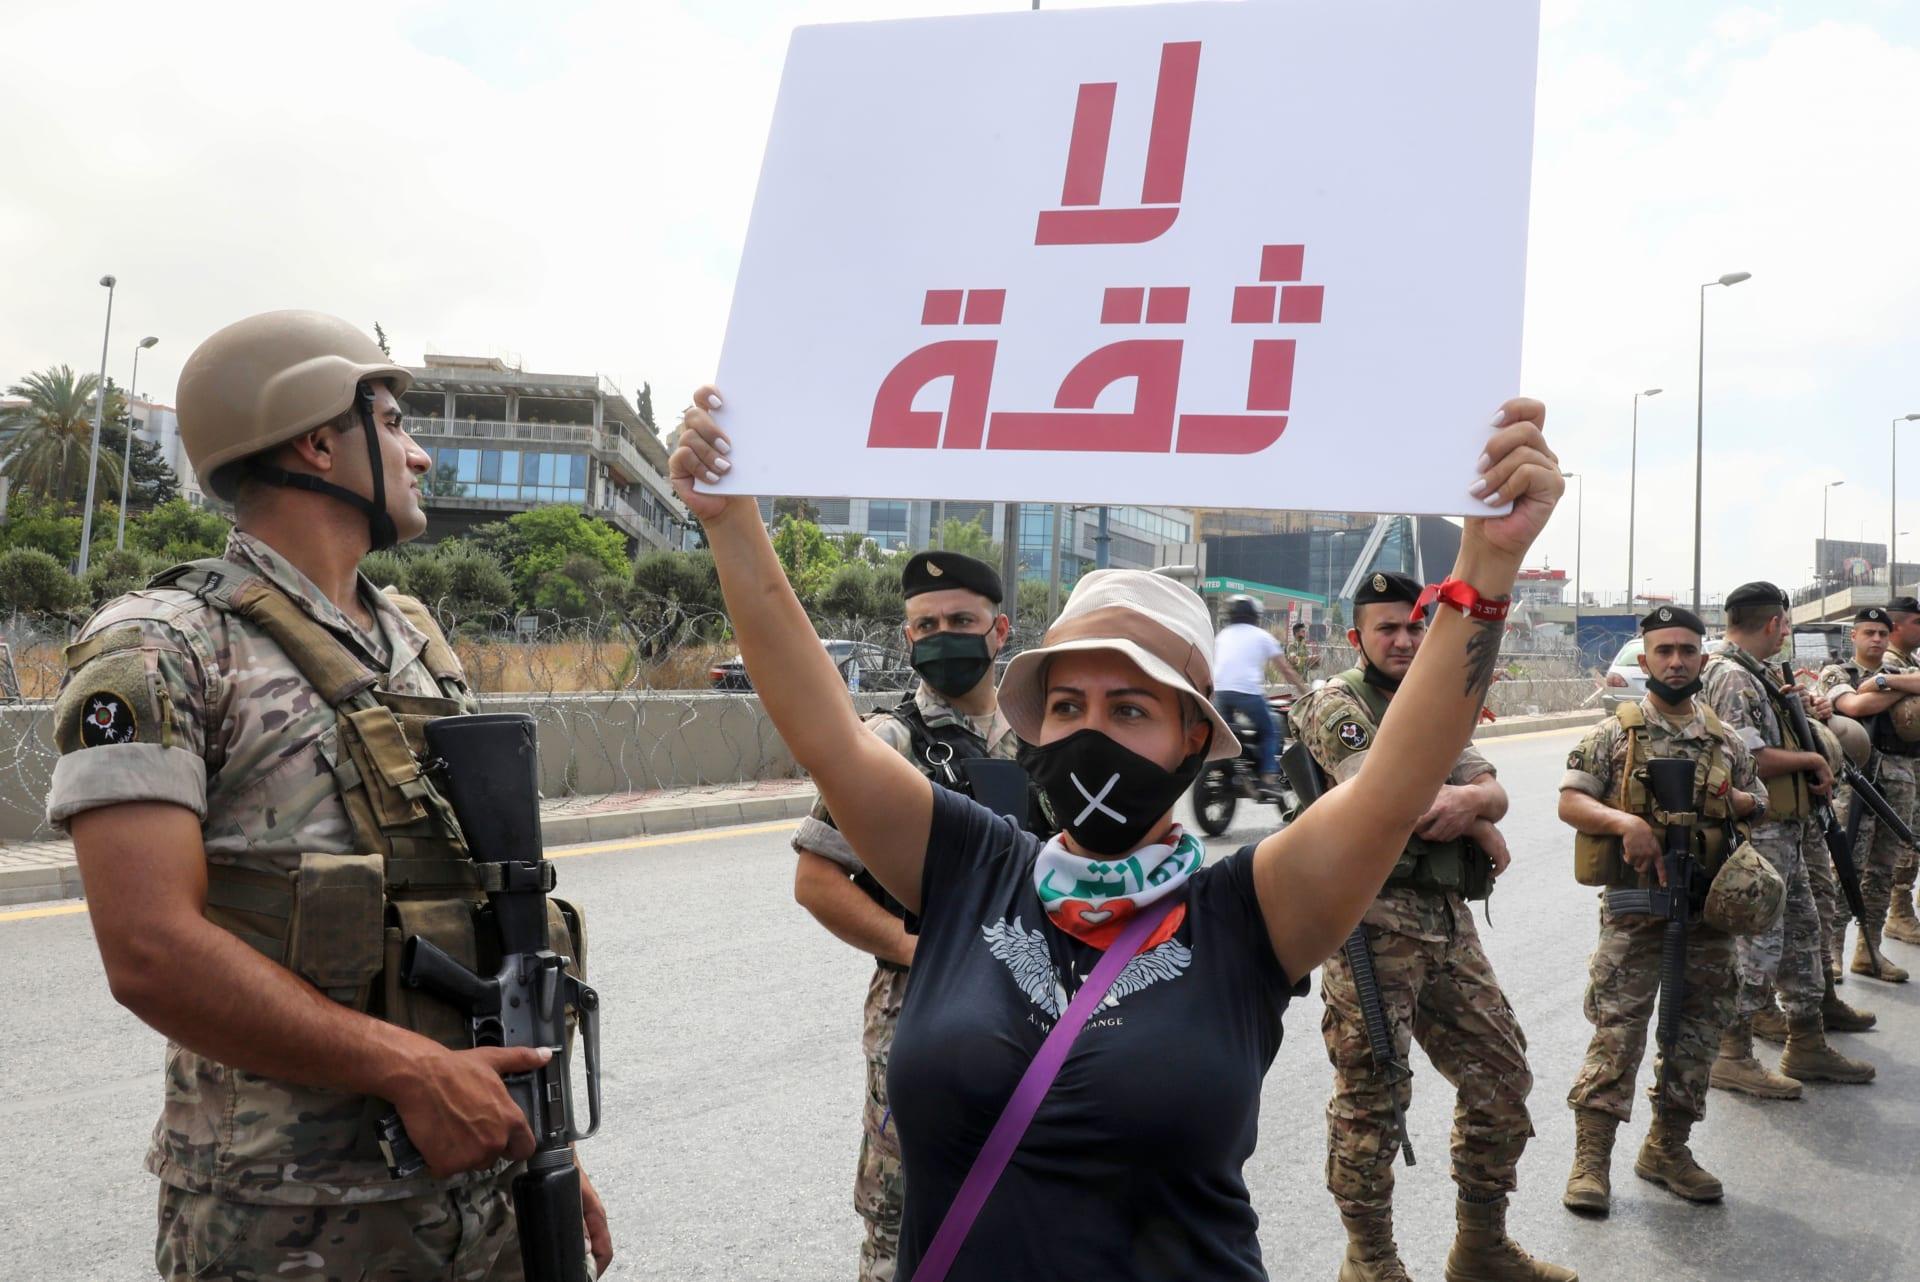 في ظل المظاهرات الواسعة.. محتجون يقتحمون مقر وزارة الخارجية اللبنانية